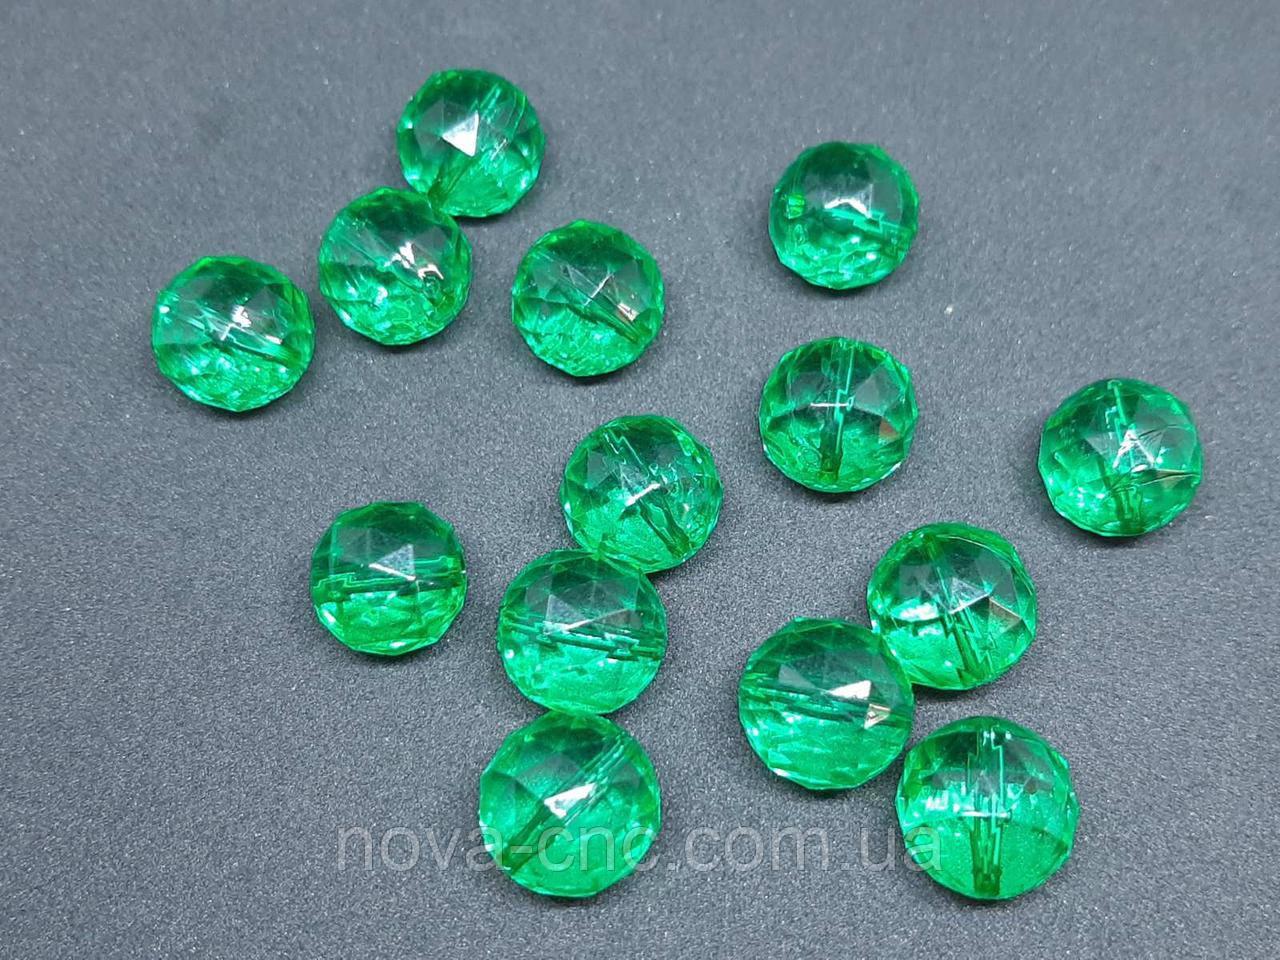 """Бусины акрил """"Шар треугольная грань"""" зеленый 16 мм 500 грамм"""